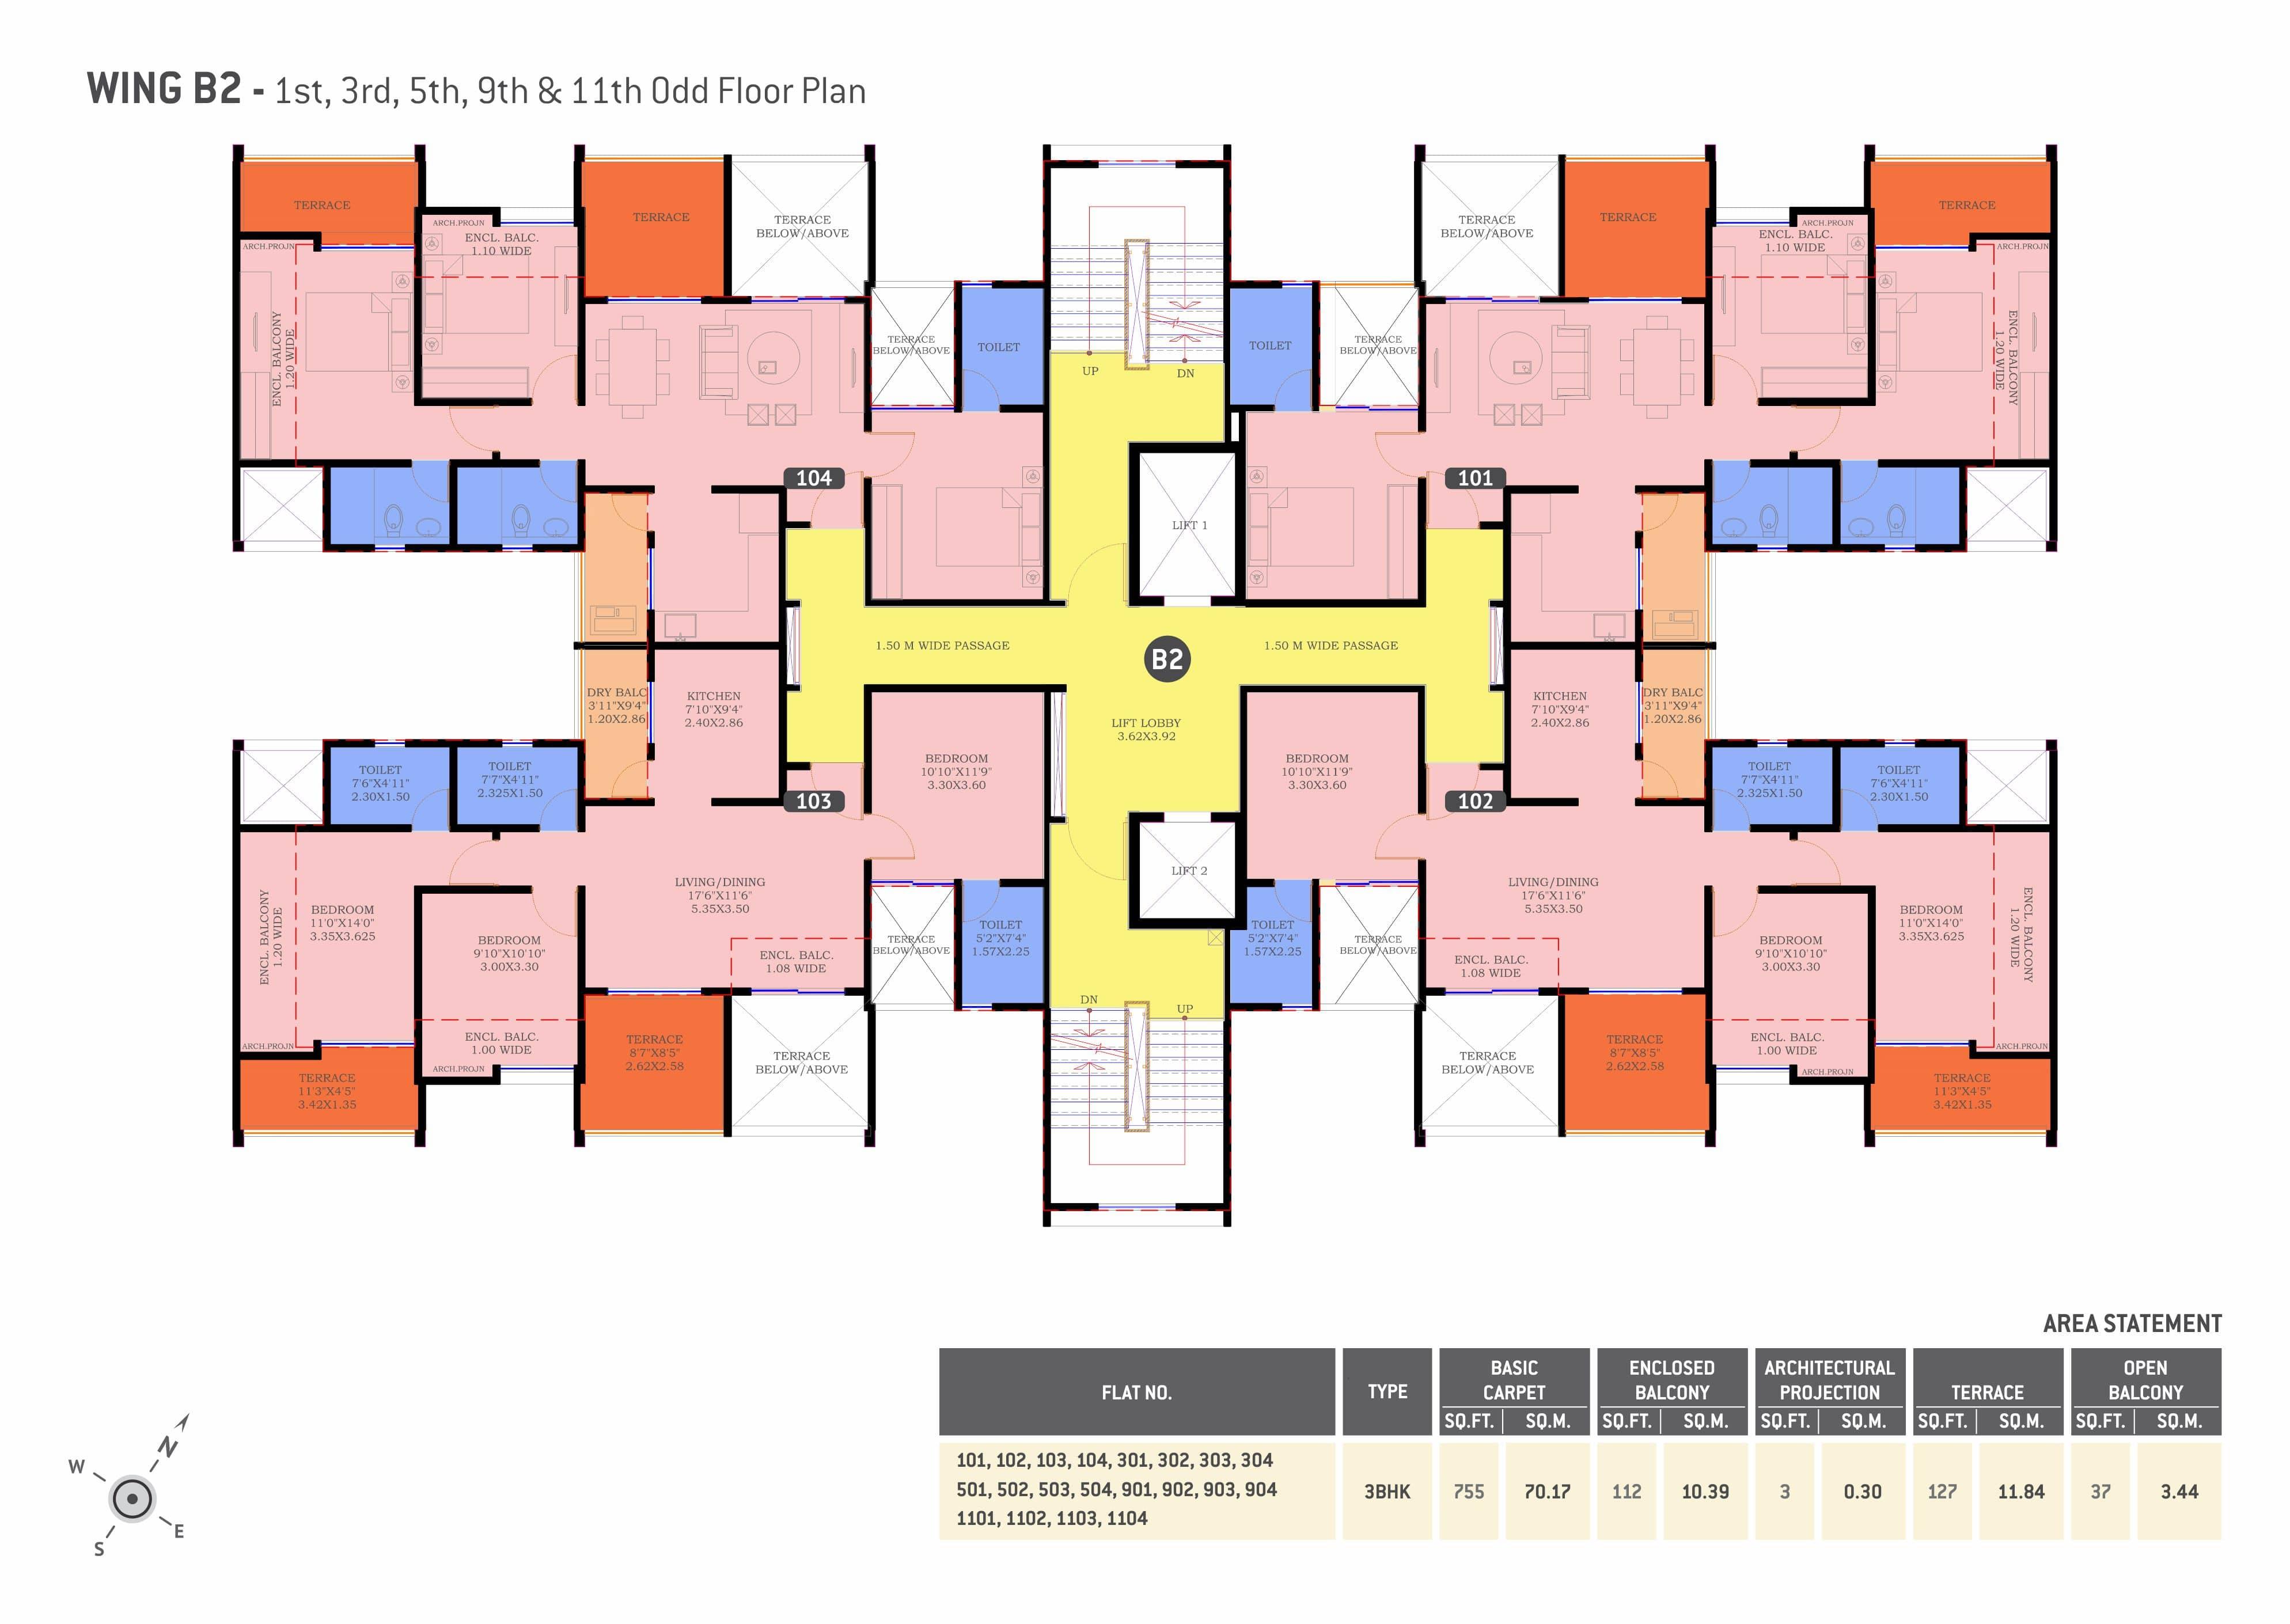 3 BHK flats in Undri Floor Plan